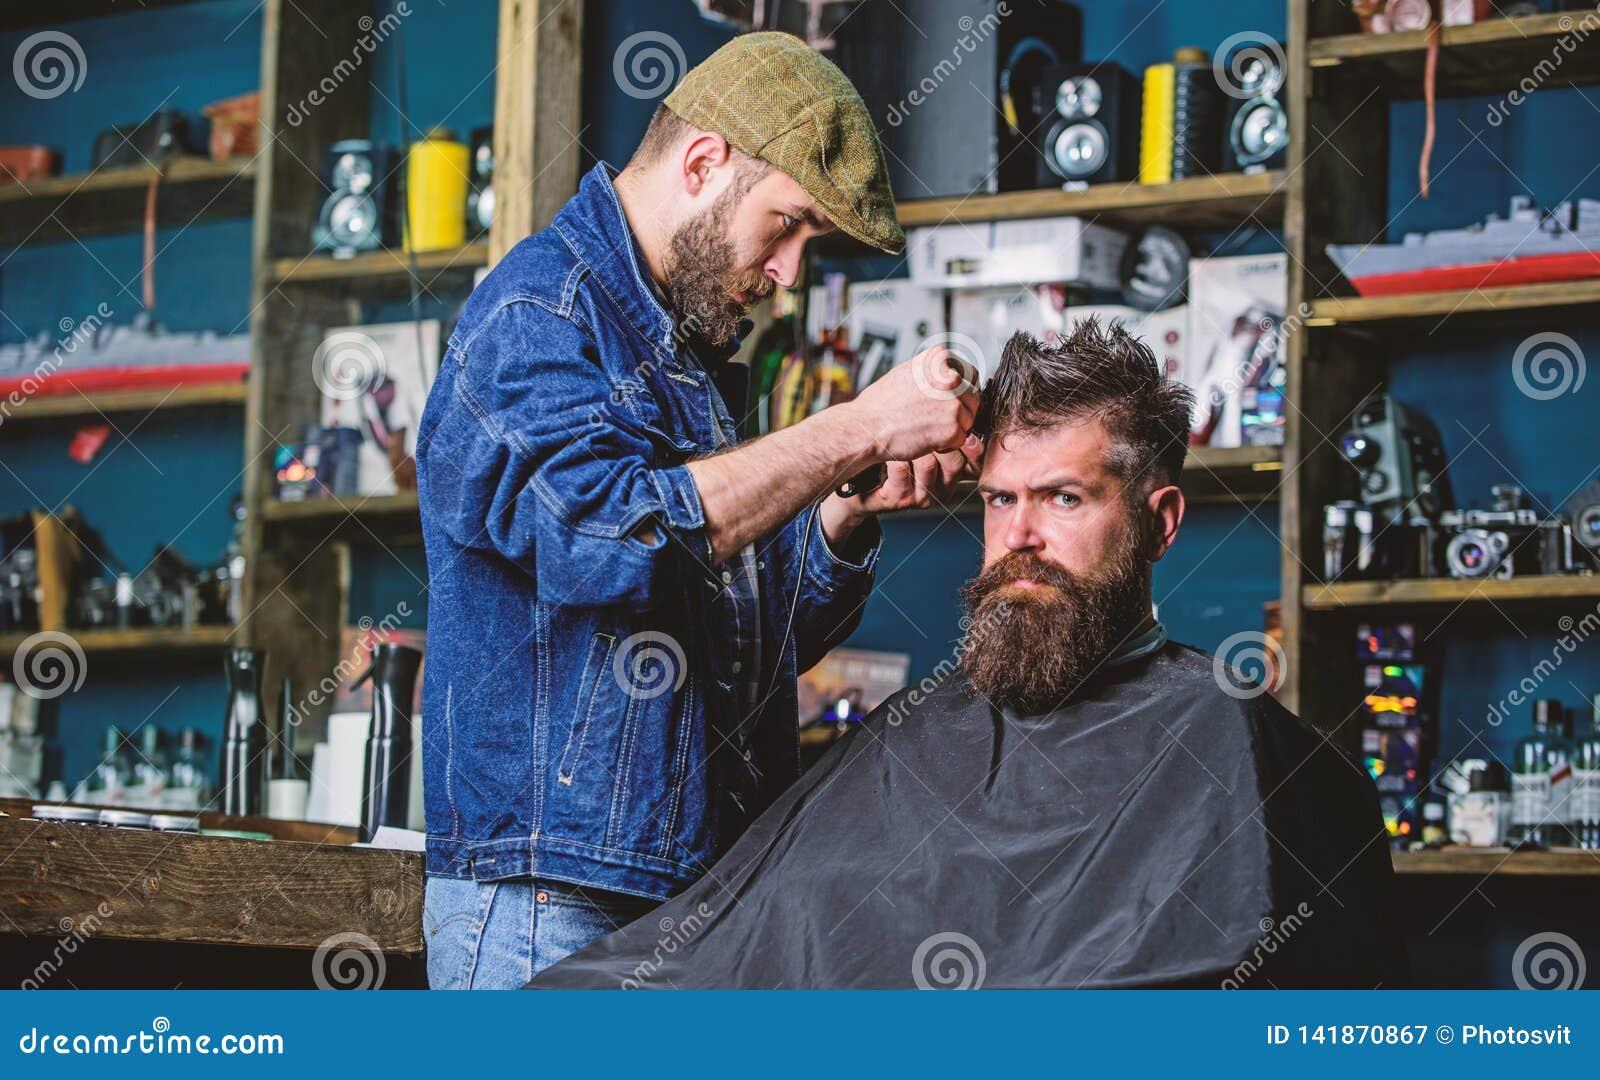 Cliente do moderno que obtém o corte de cabelo O barbeiro com tosquiadeira de cabelo trabalha no penteado para o fundo farpado do